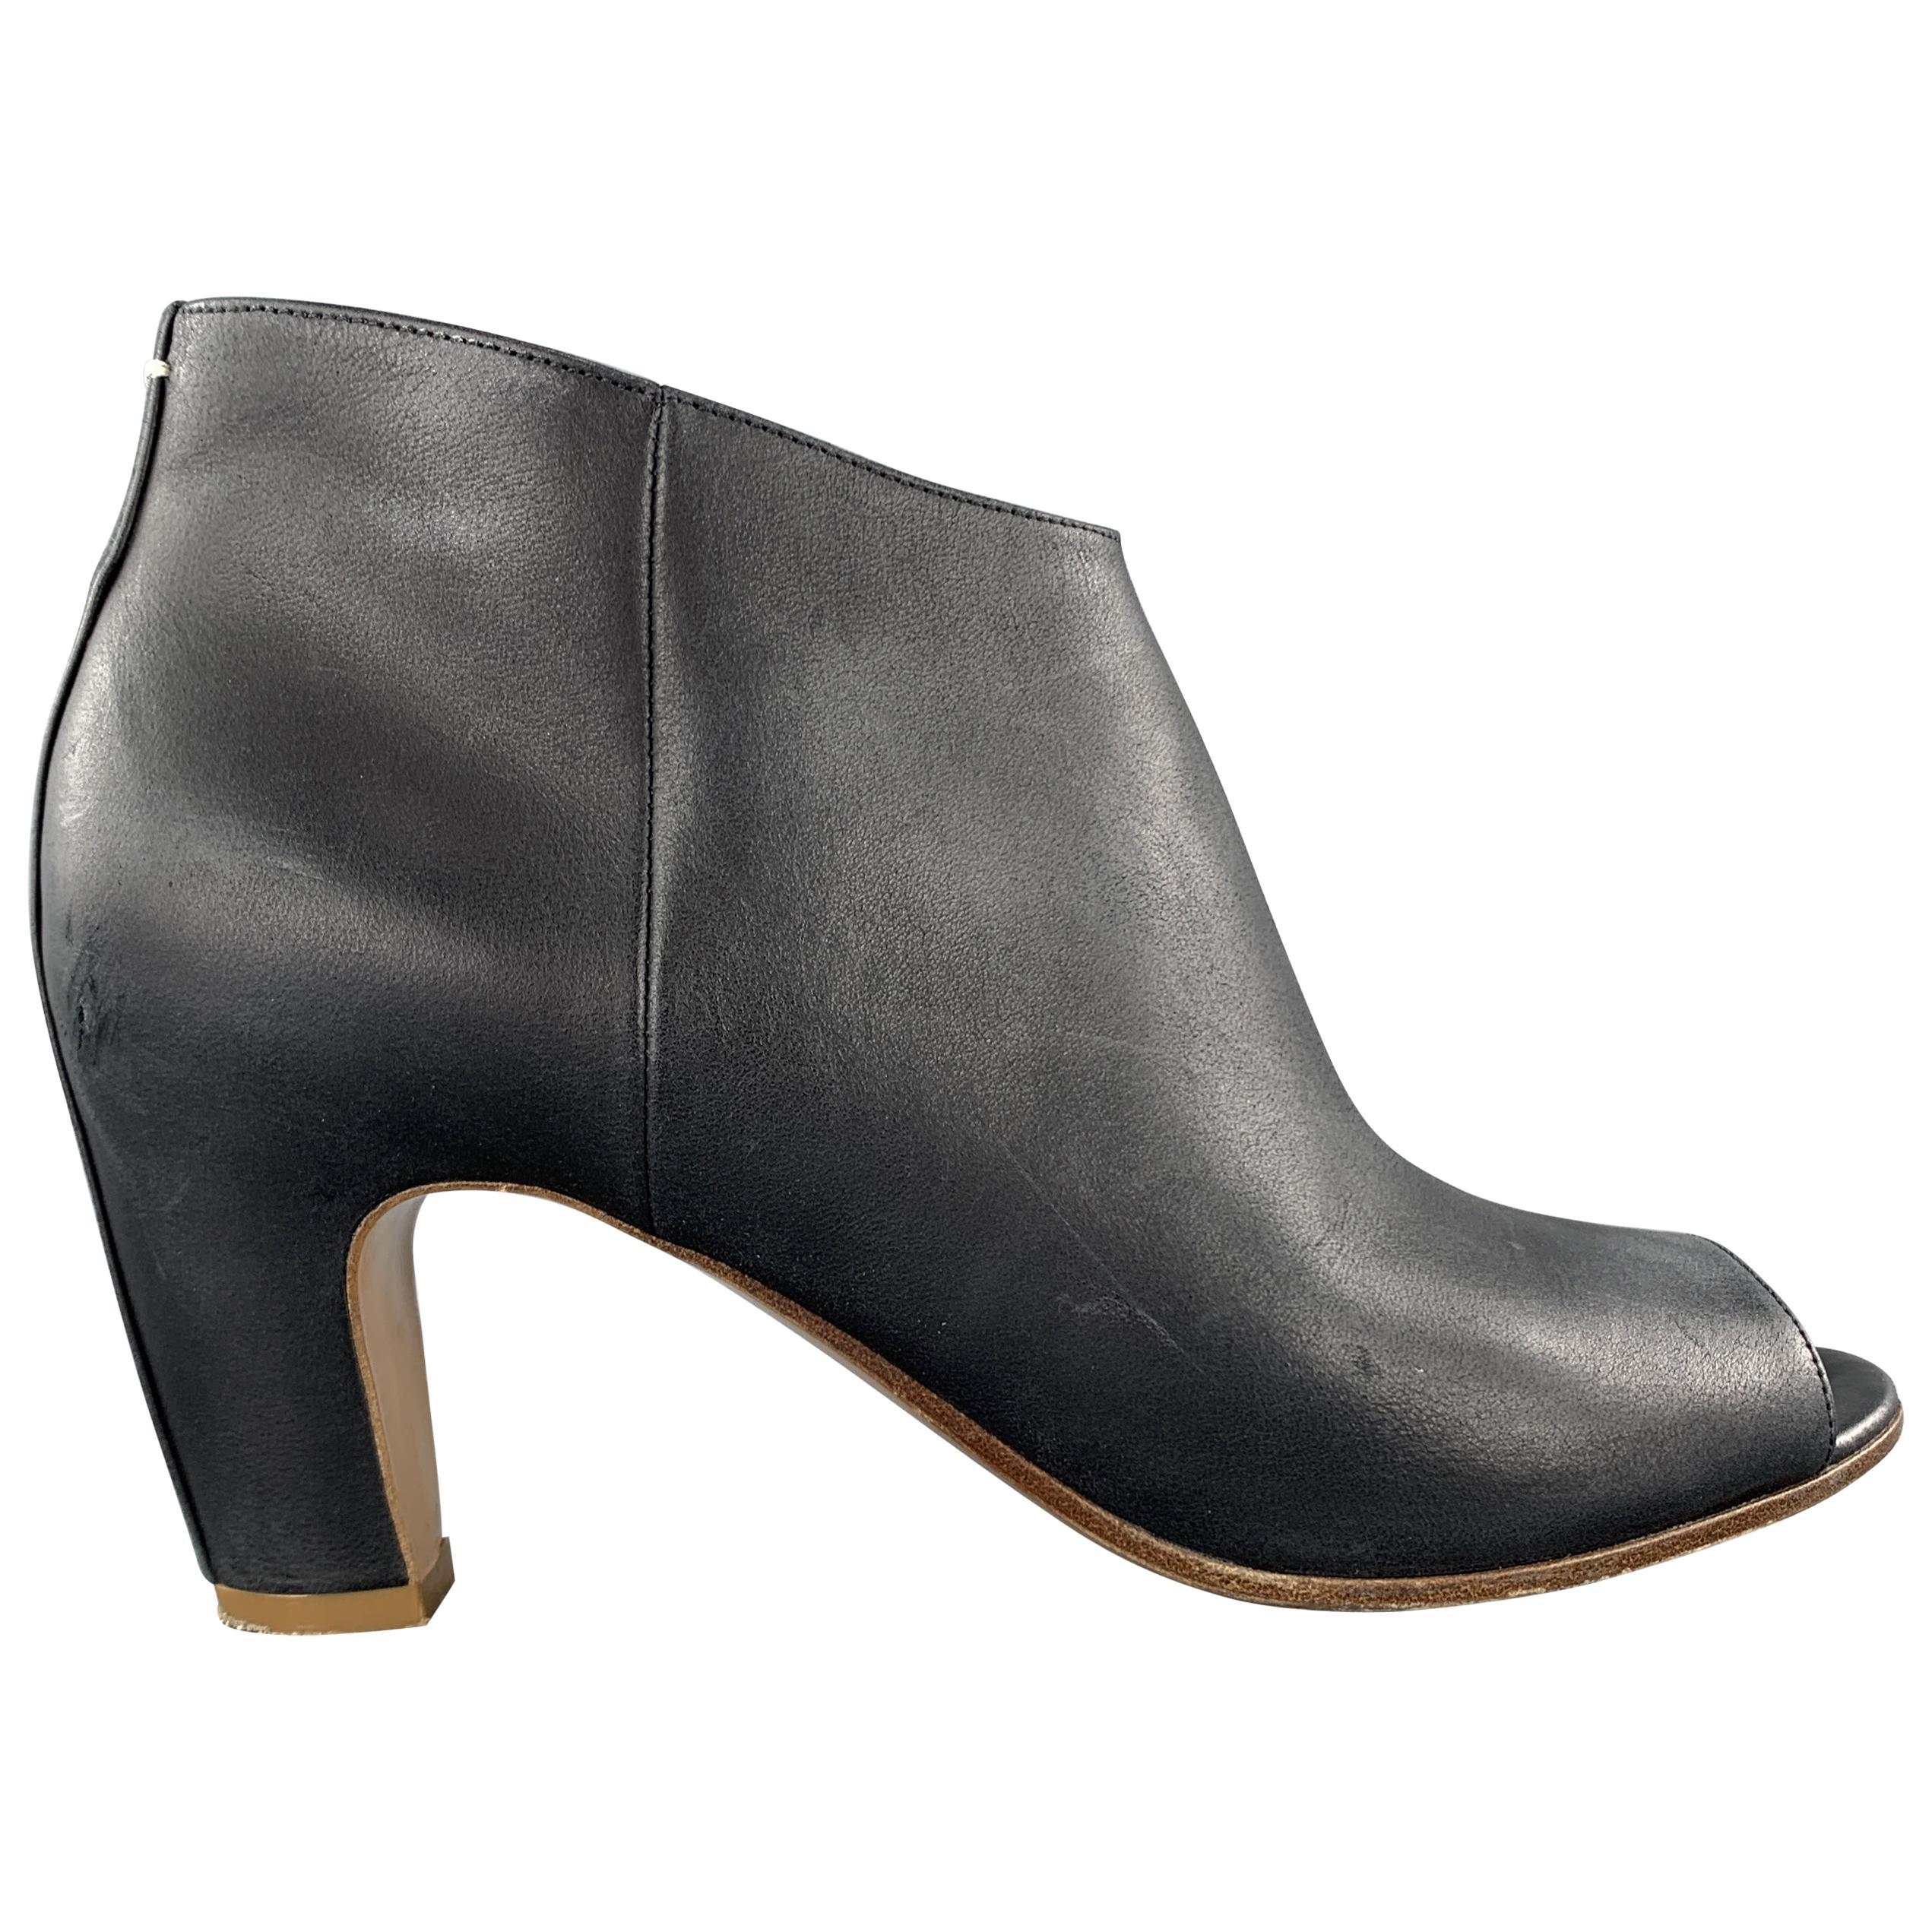 MAISON MARTIN MARGIELA Size 7.5 Navy Leather Peep Toe Ankle Boots